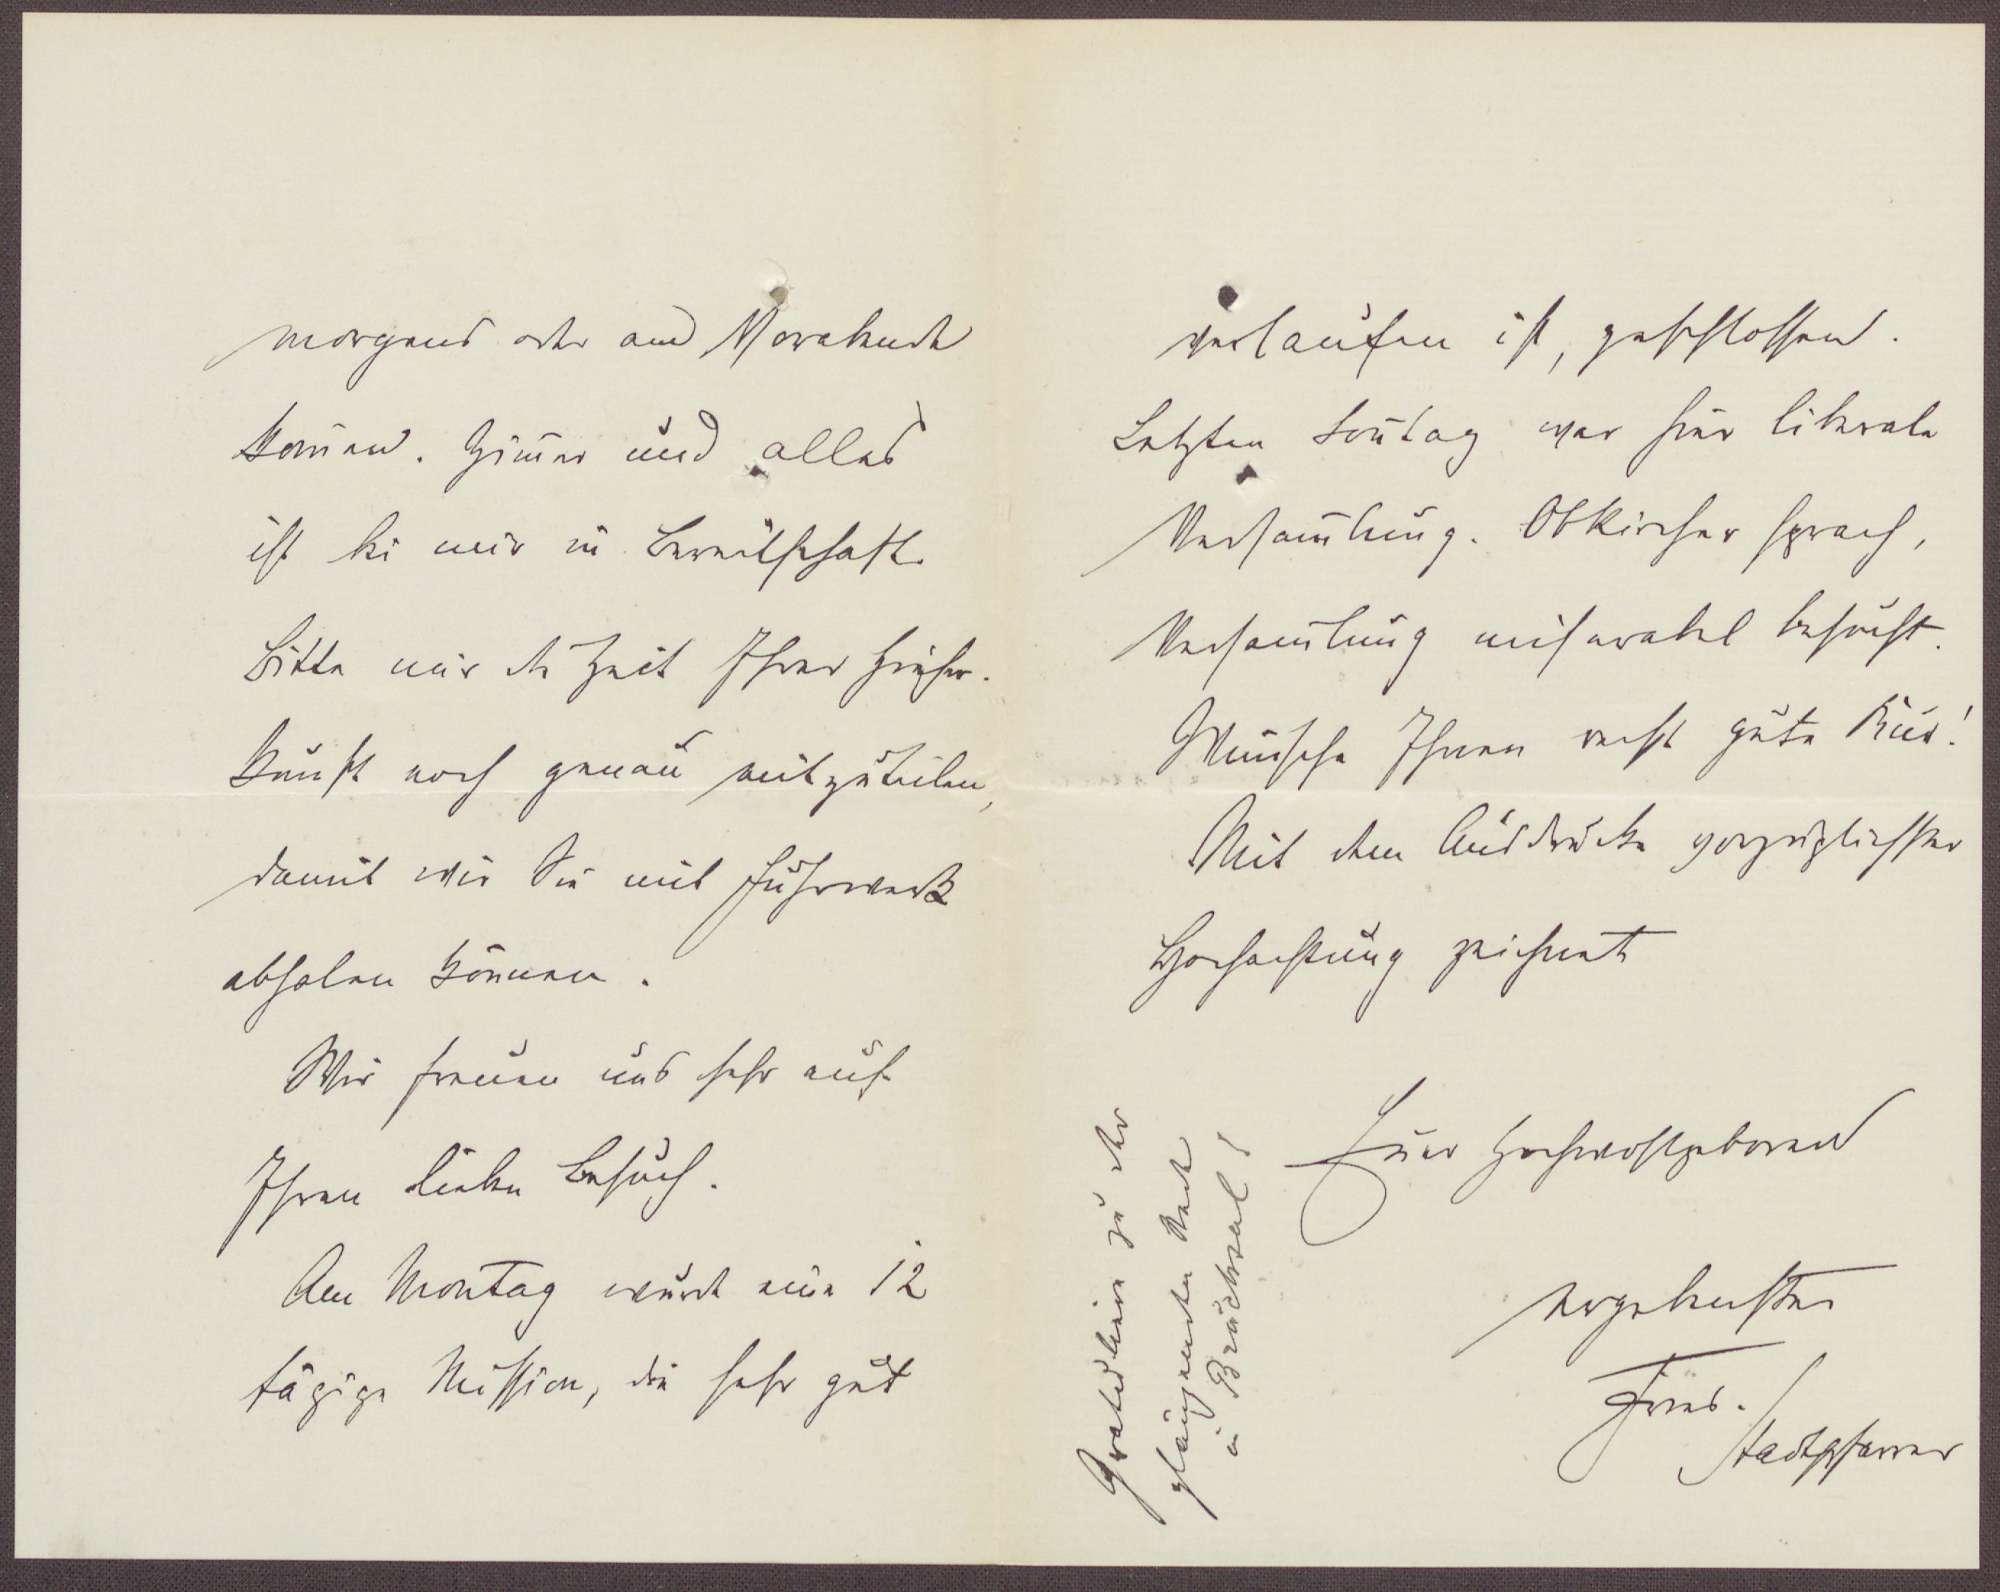 Schreiben vom Stadtpfarrer aus Triberg an Constantin Fehrenbach, Hinweis auf einer Versammlung und dort besprochene Themen, Bild 2